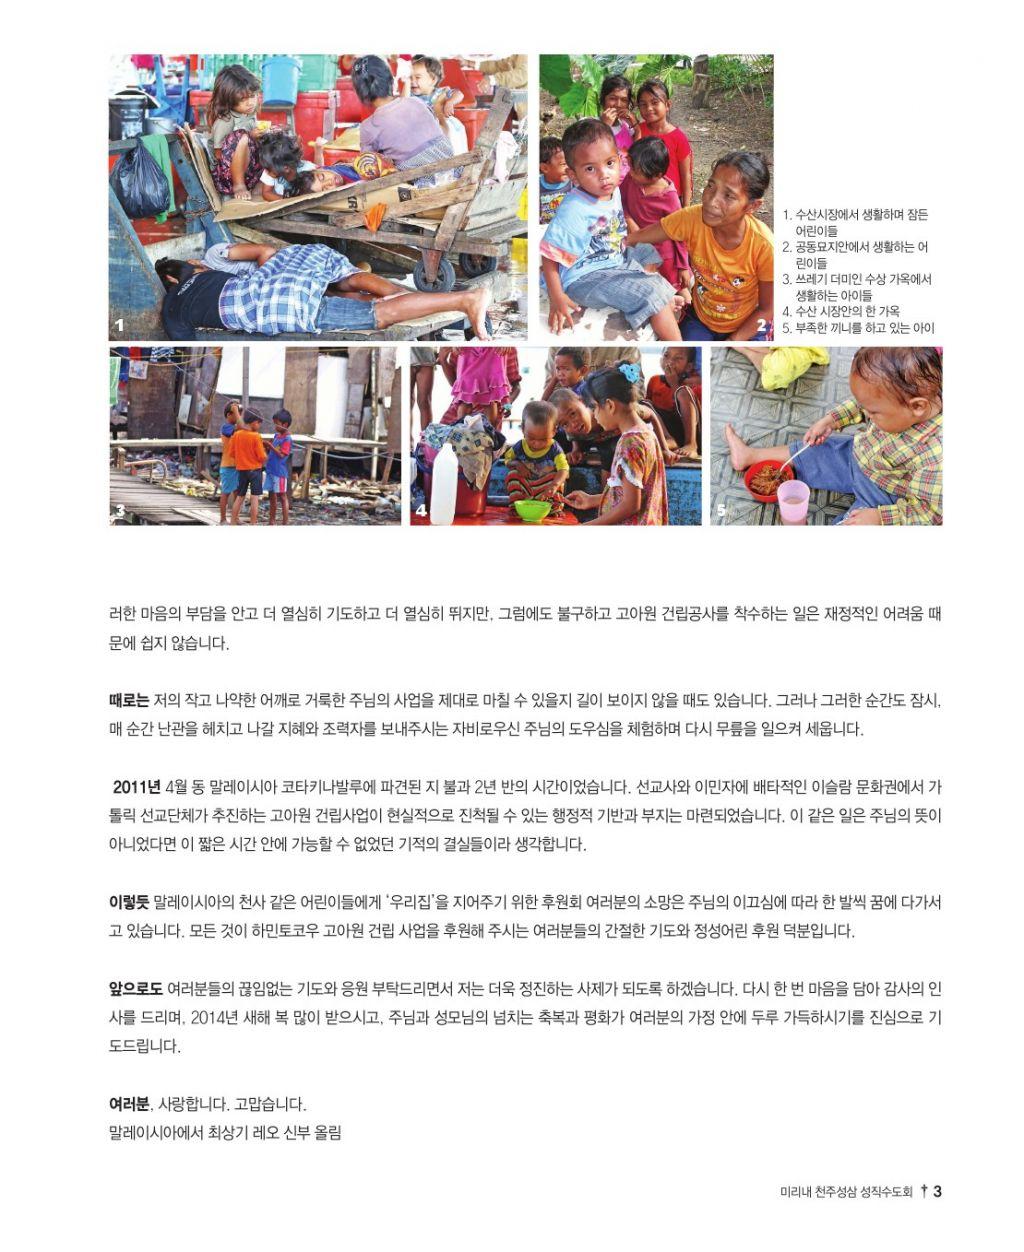 미리내 소식지 2014_겨울호 수정-3.jpg